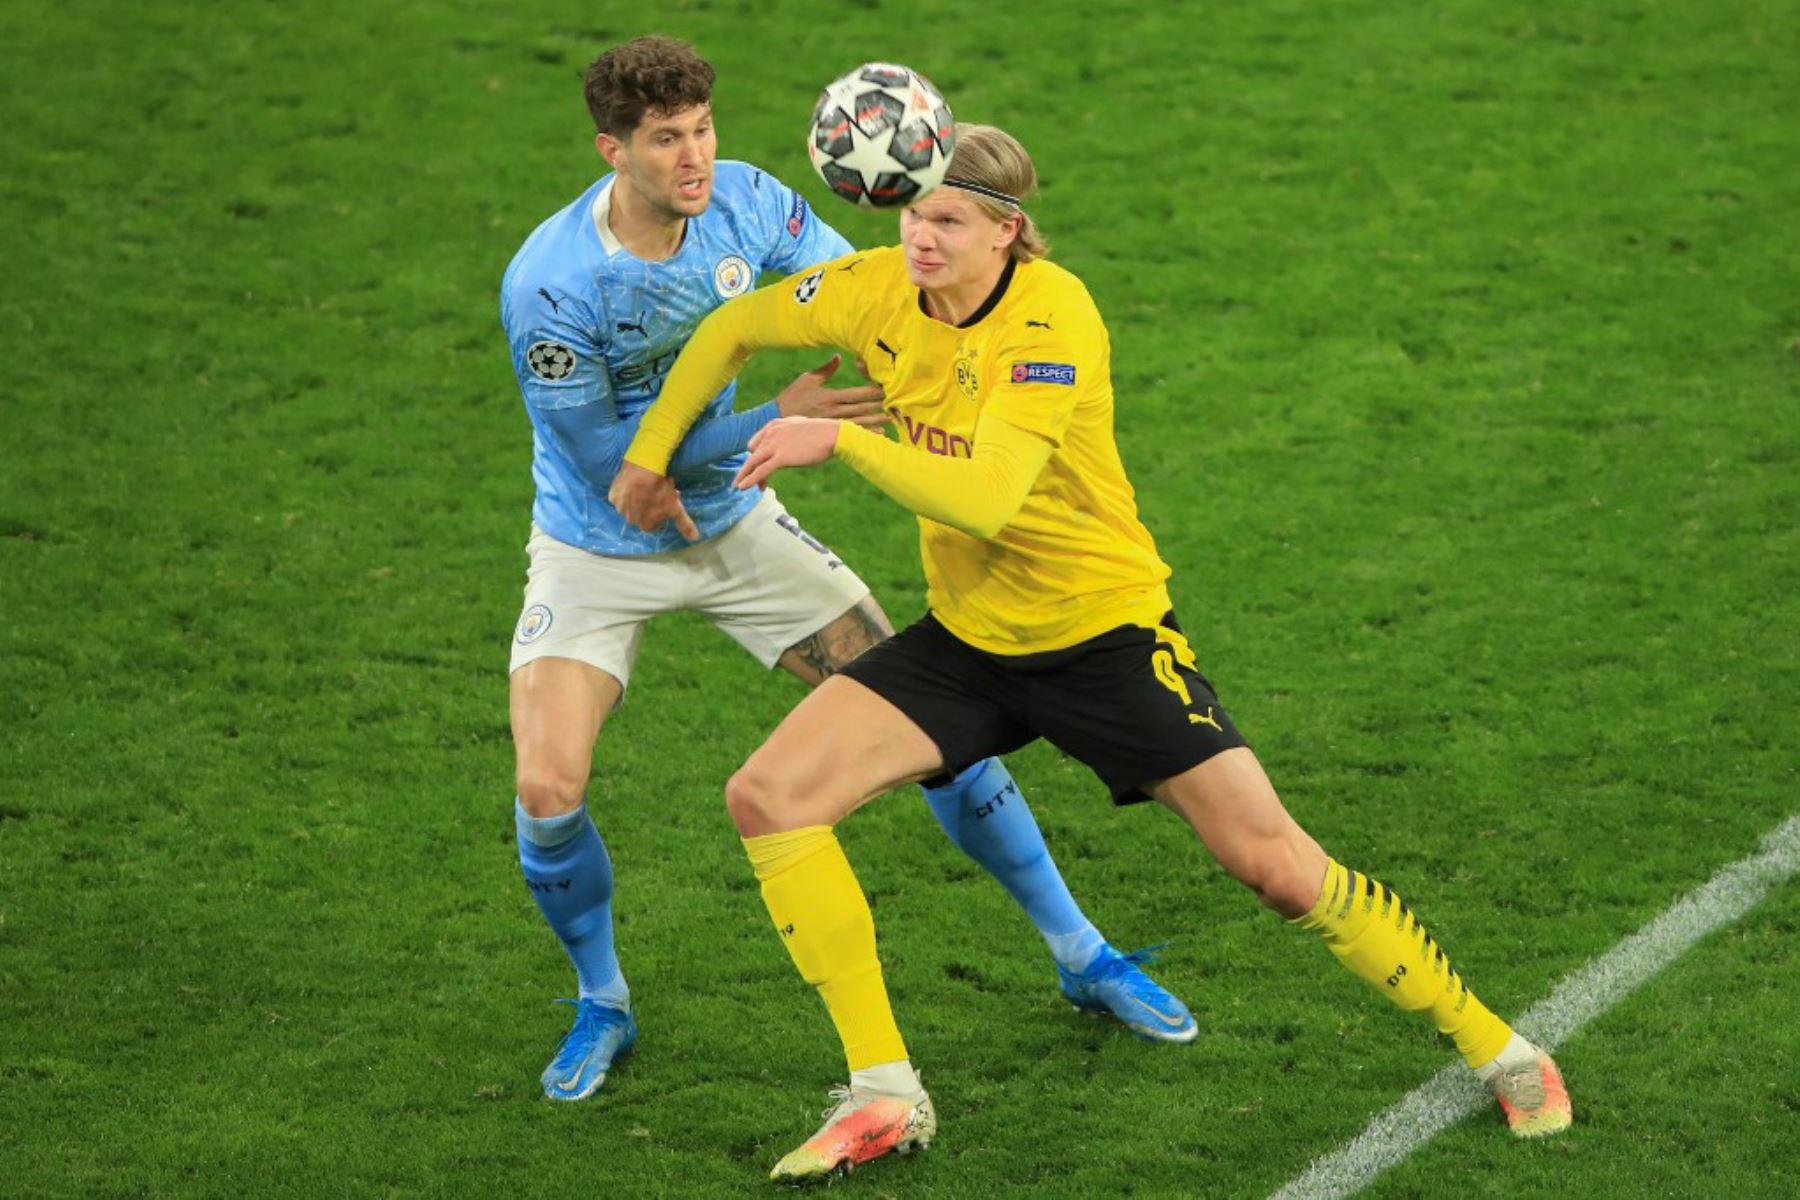 El defensor inglés del Manchester City John Stones (L) y el delantero noruego del Dortmund, Erling Braut Haaland, compiten por el balón durante los cuartos de final de la Liga de Campeones de la UEFA en el segundo partido de fútbol entre el BVB Borussia Dortmund y el Manchester City en Dortmund.  Foto: AFP